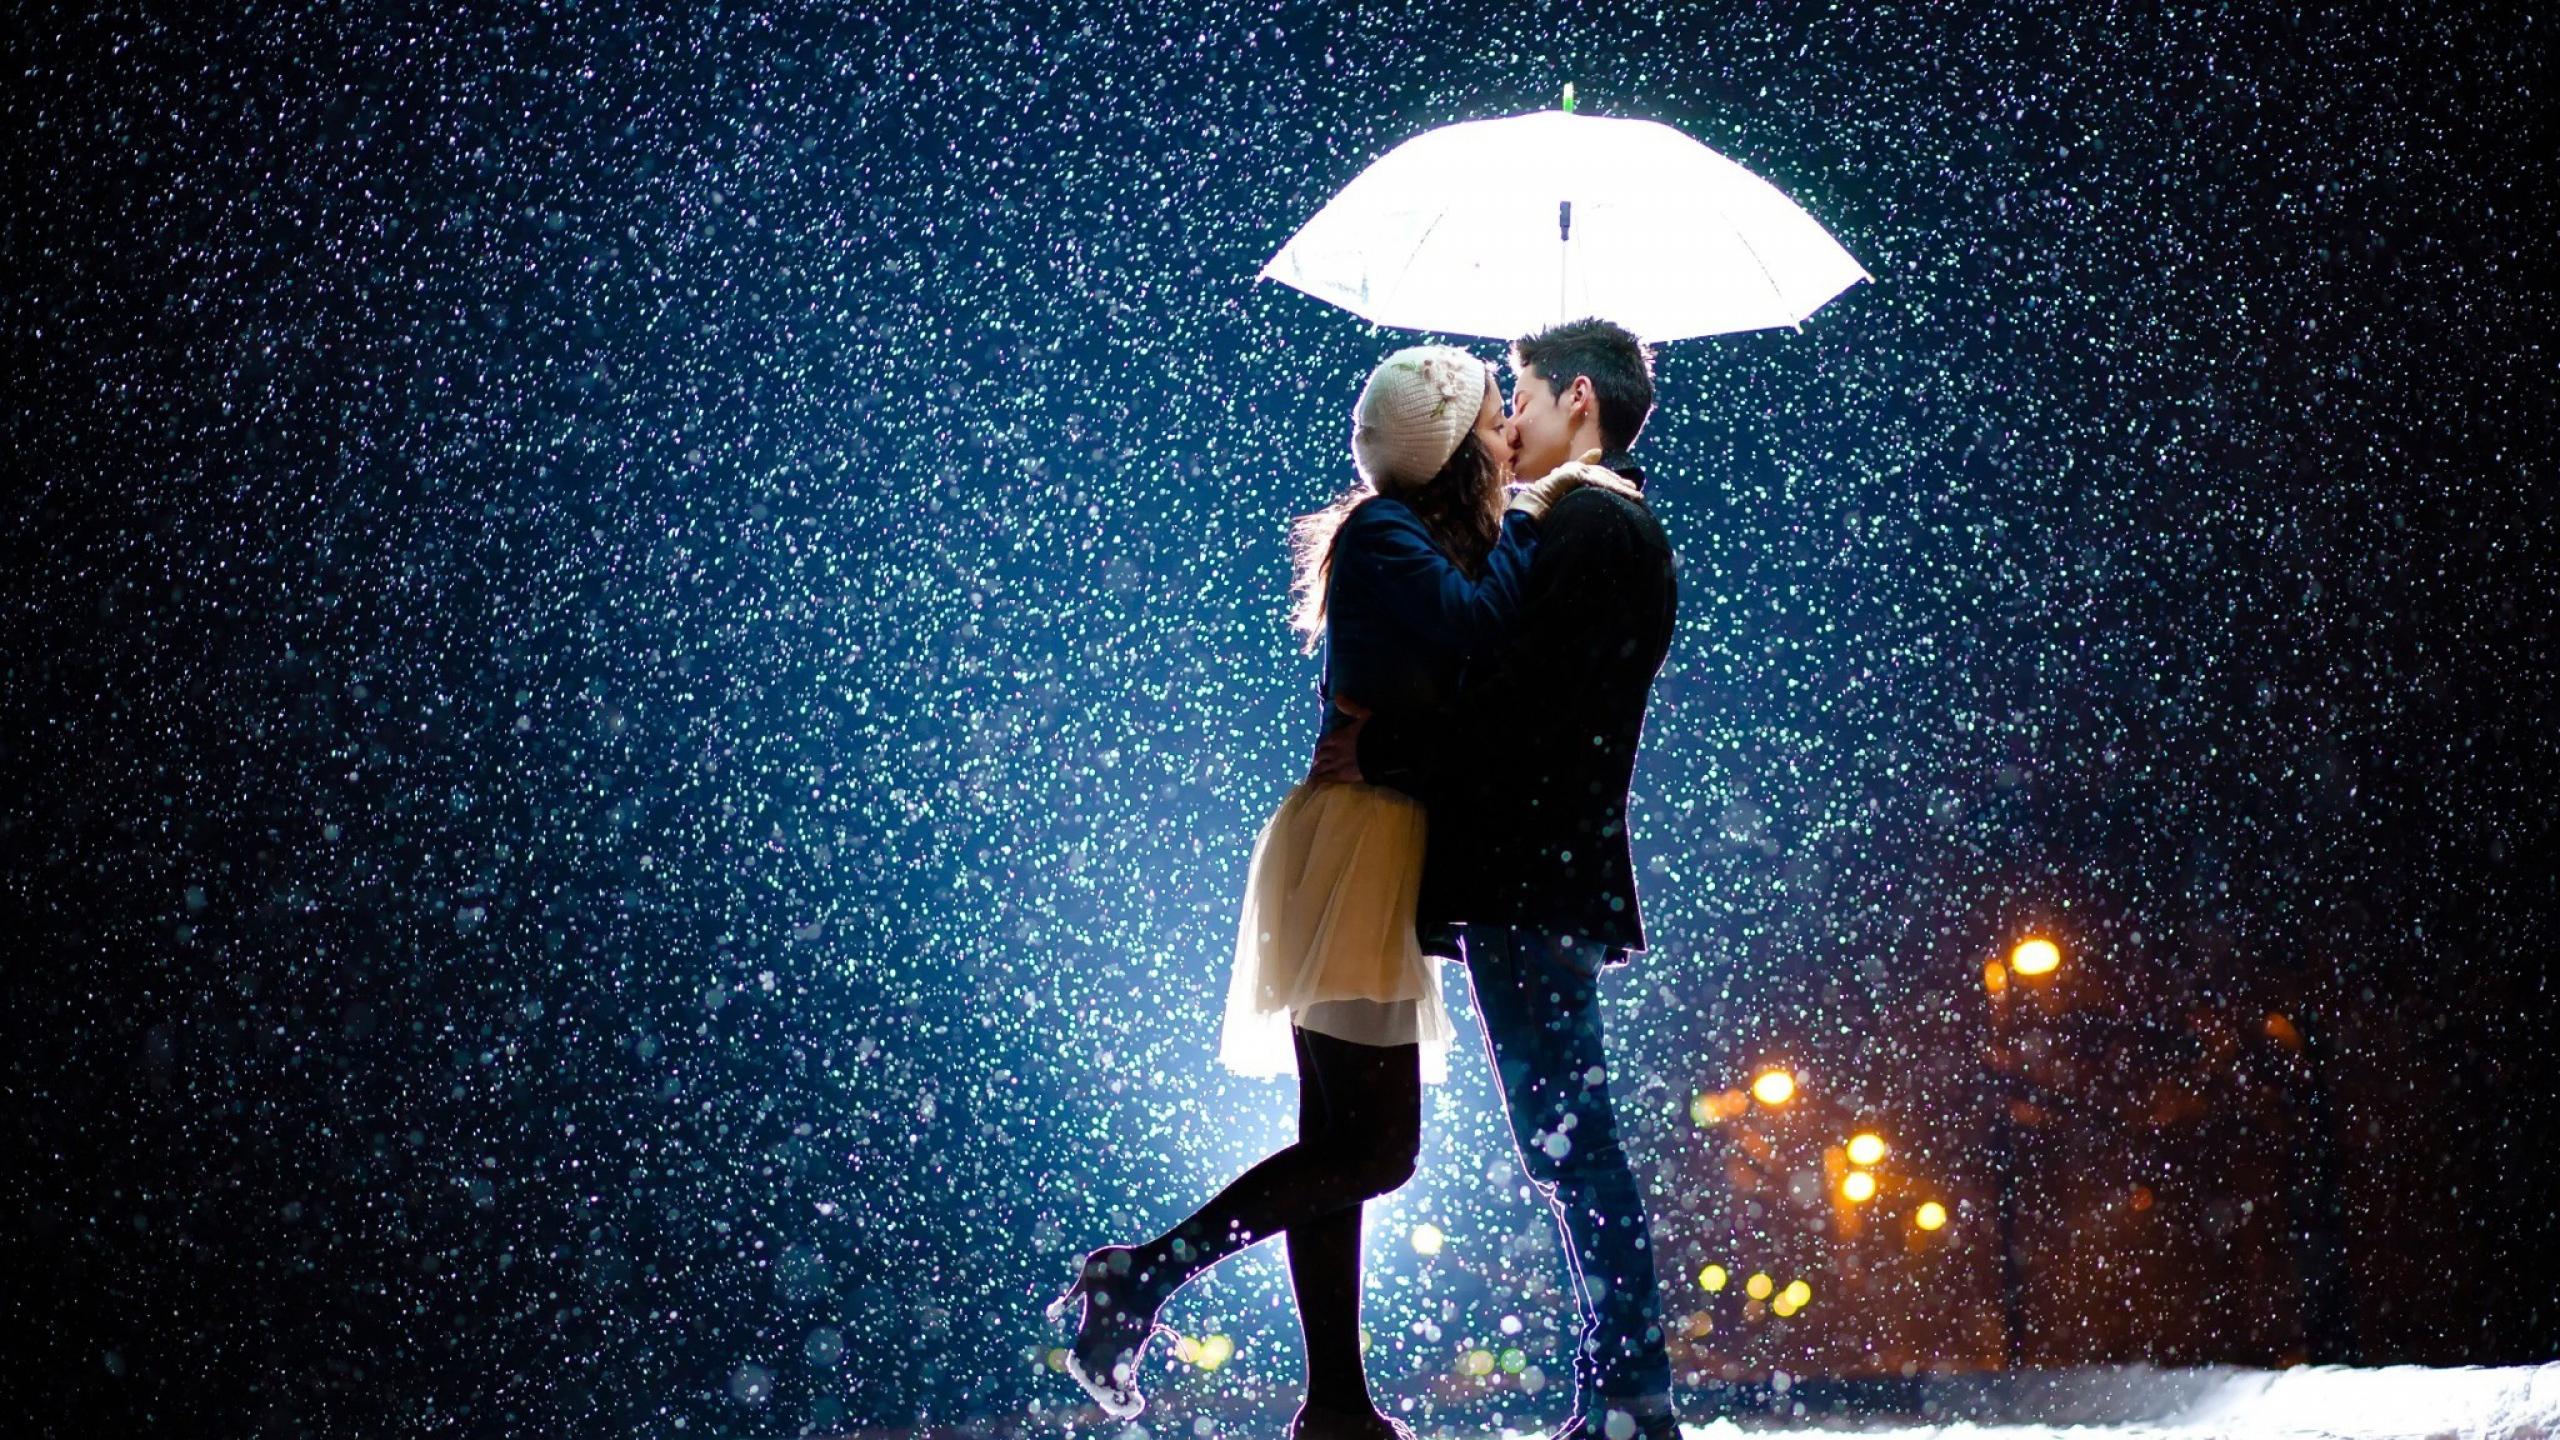 600 New Hd Wallpaper Romantic Couple Gratis Terbaru